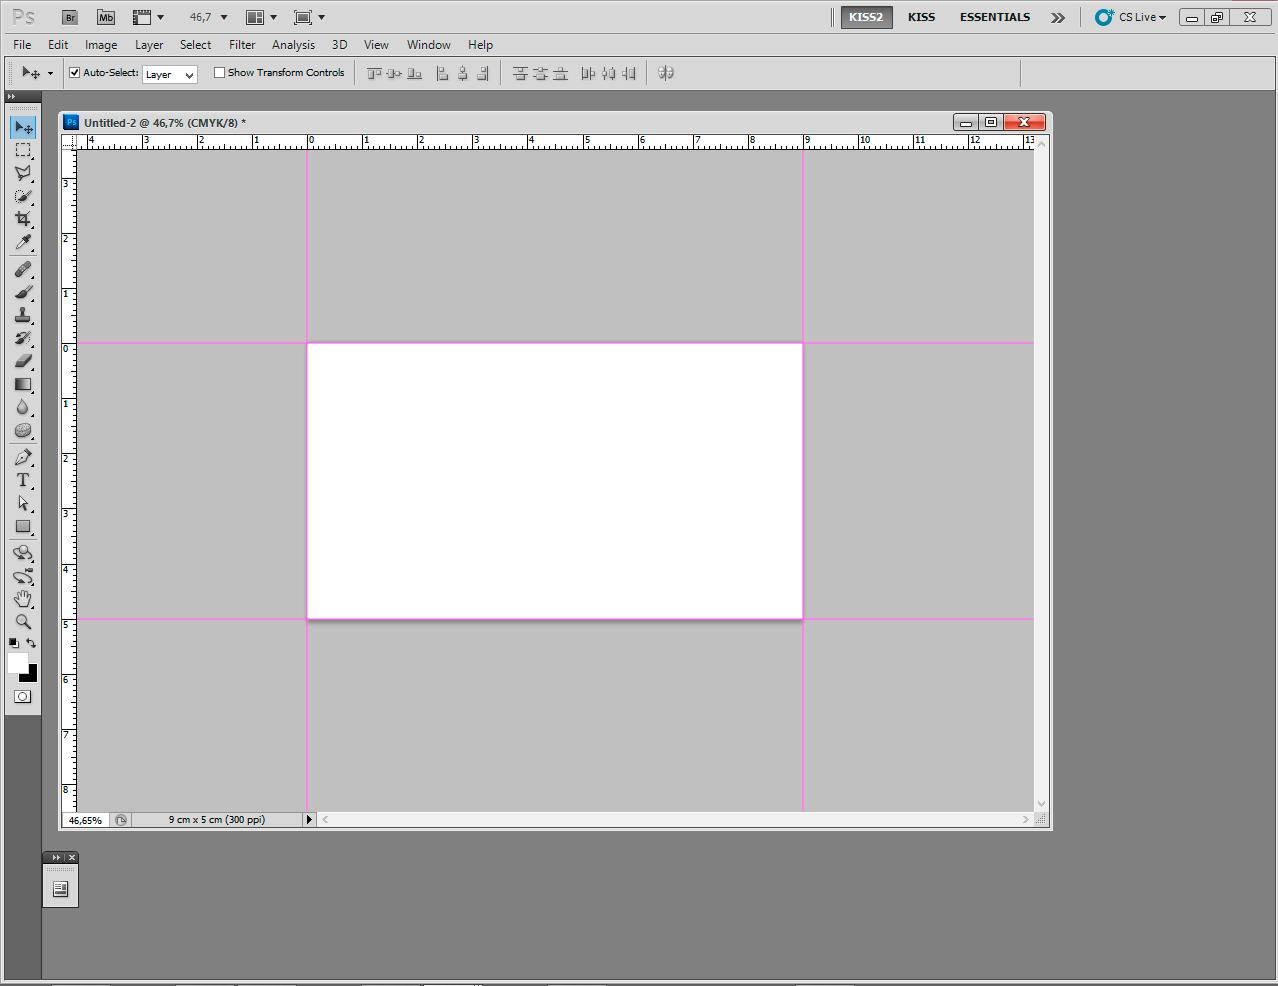 projekt wizytówki - pusty dokument photoshop